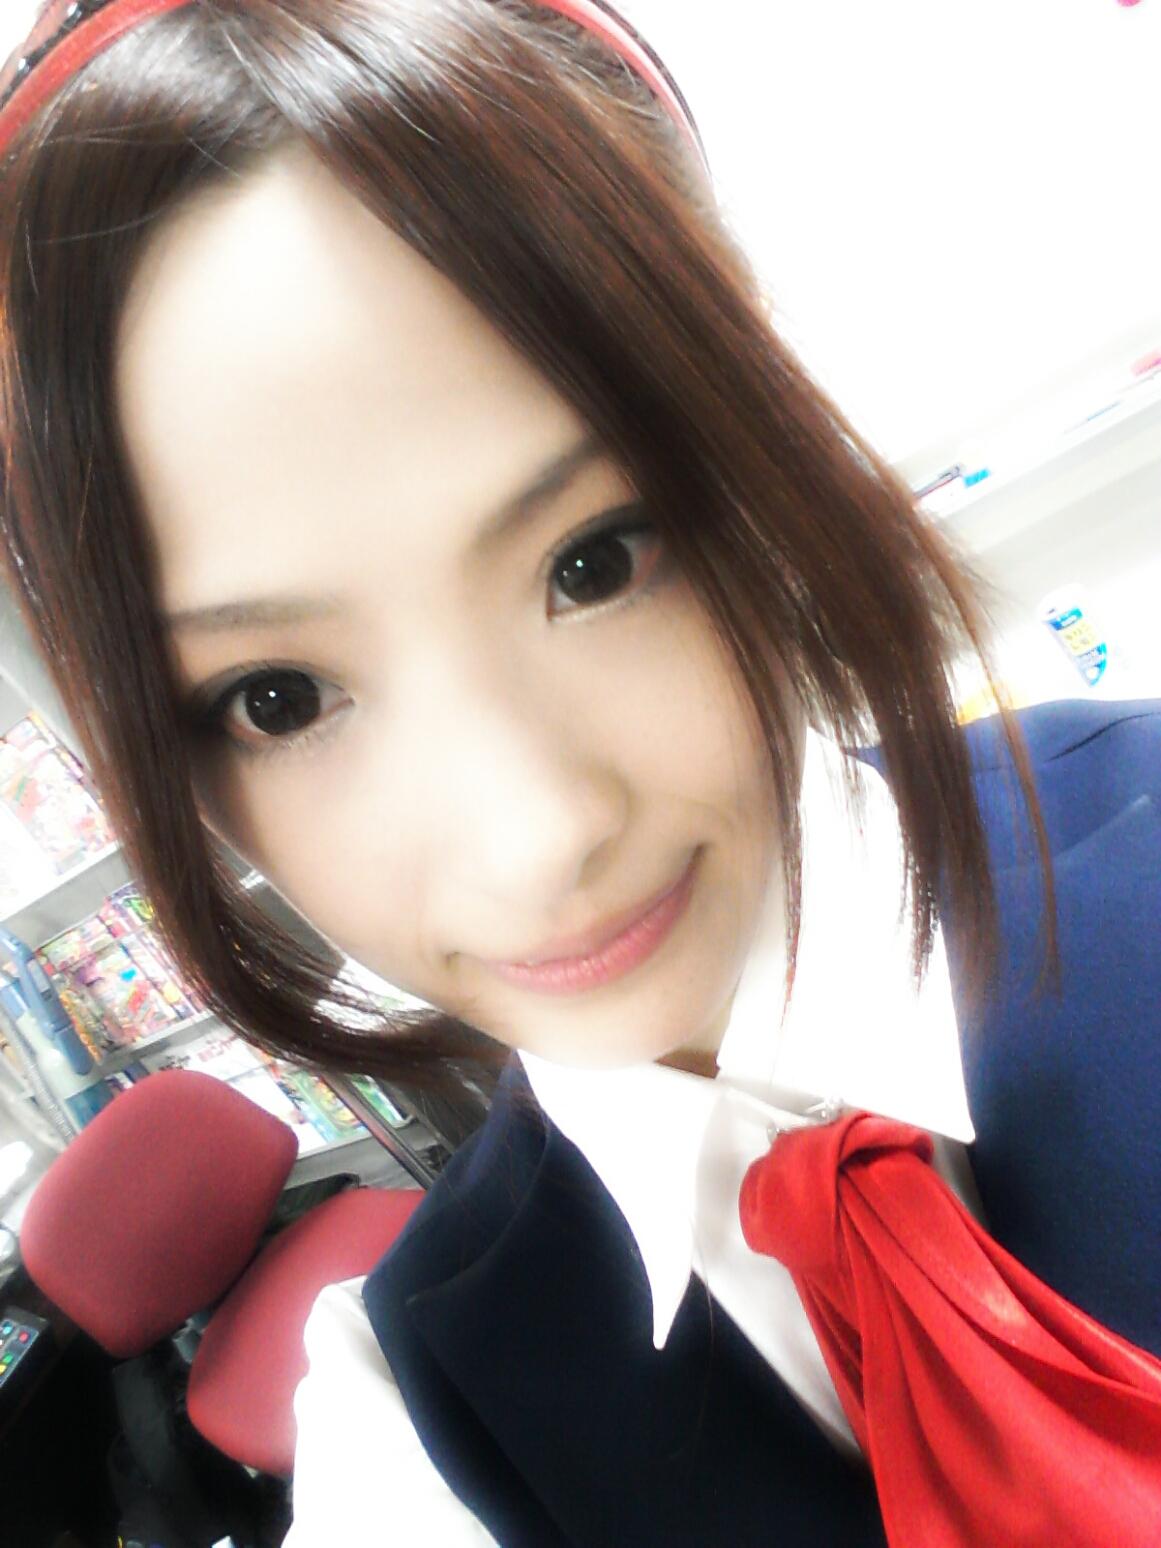 www.atpages.jp  f u t a b a src A Filename: 2012-09-22_183321_Antonio.jpg